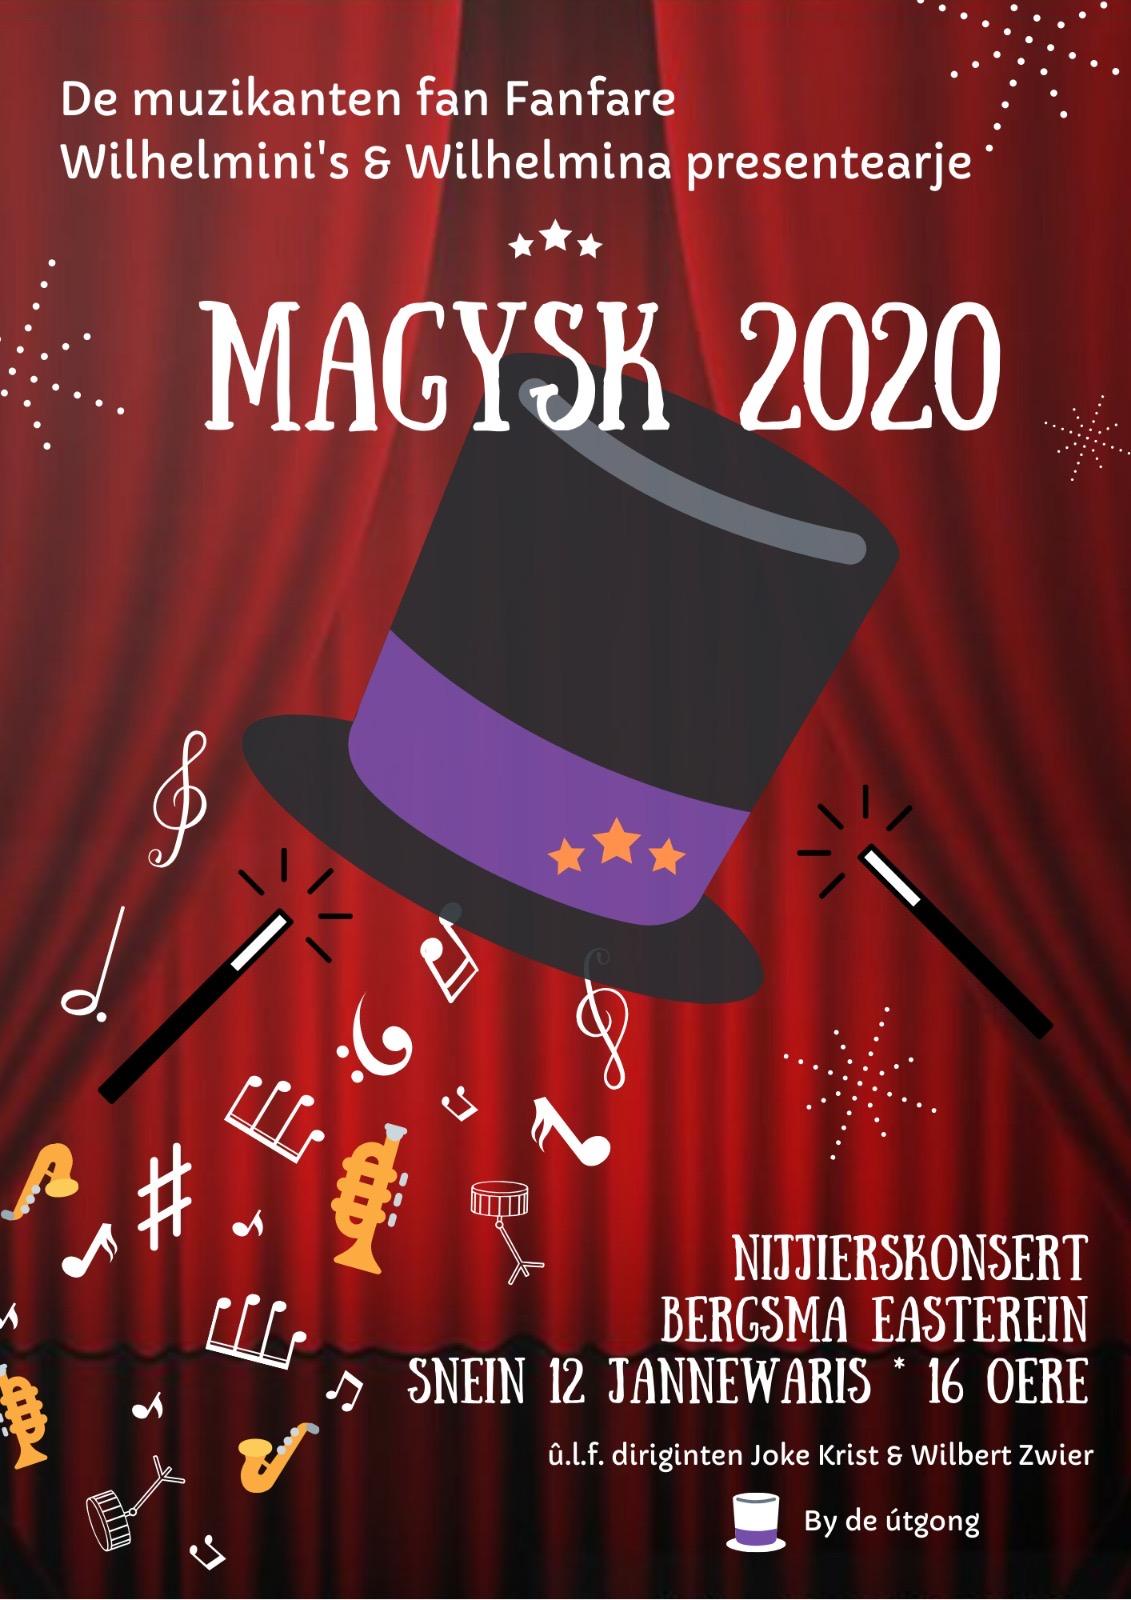 'Magisch' Nieuwjaarsconcert in Easterein